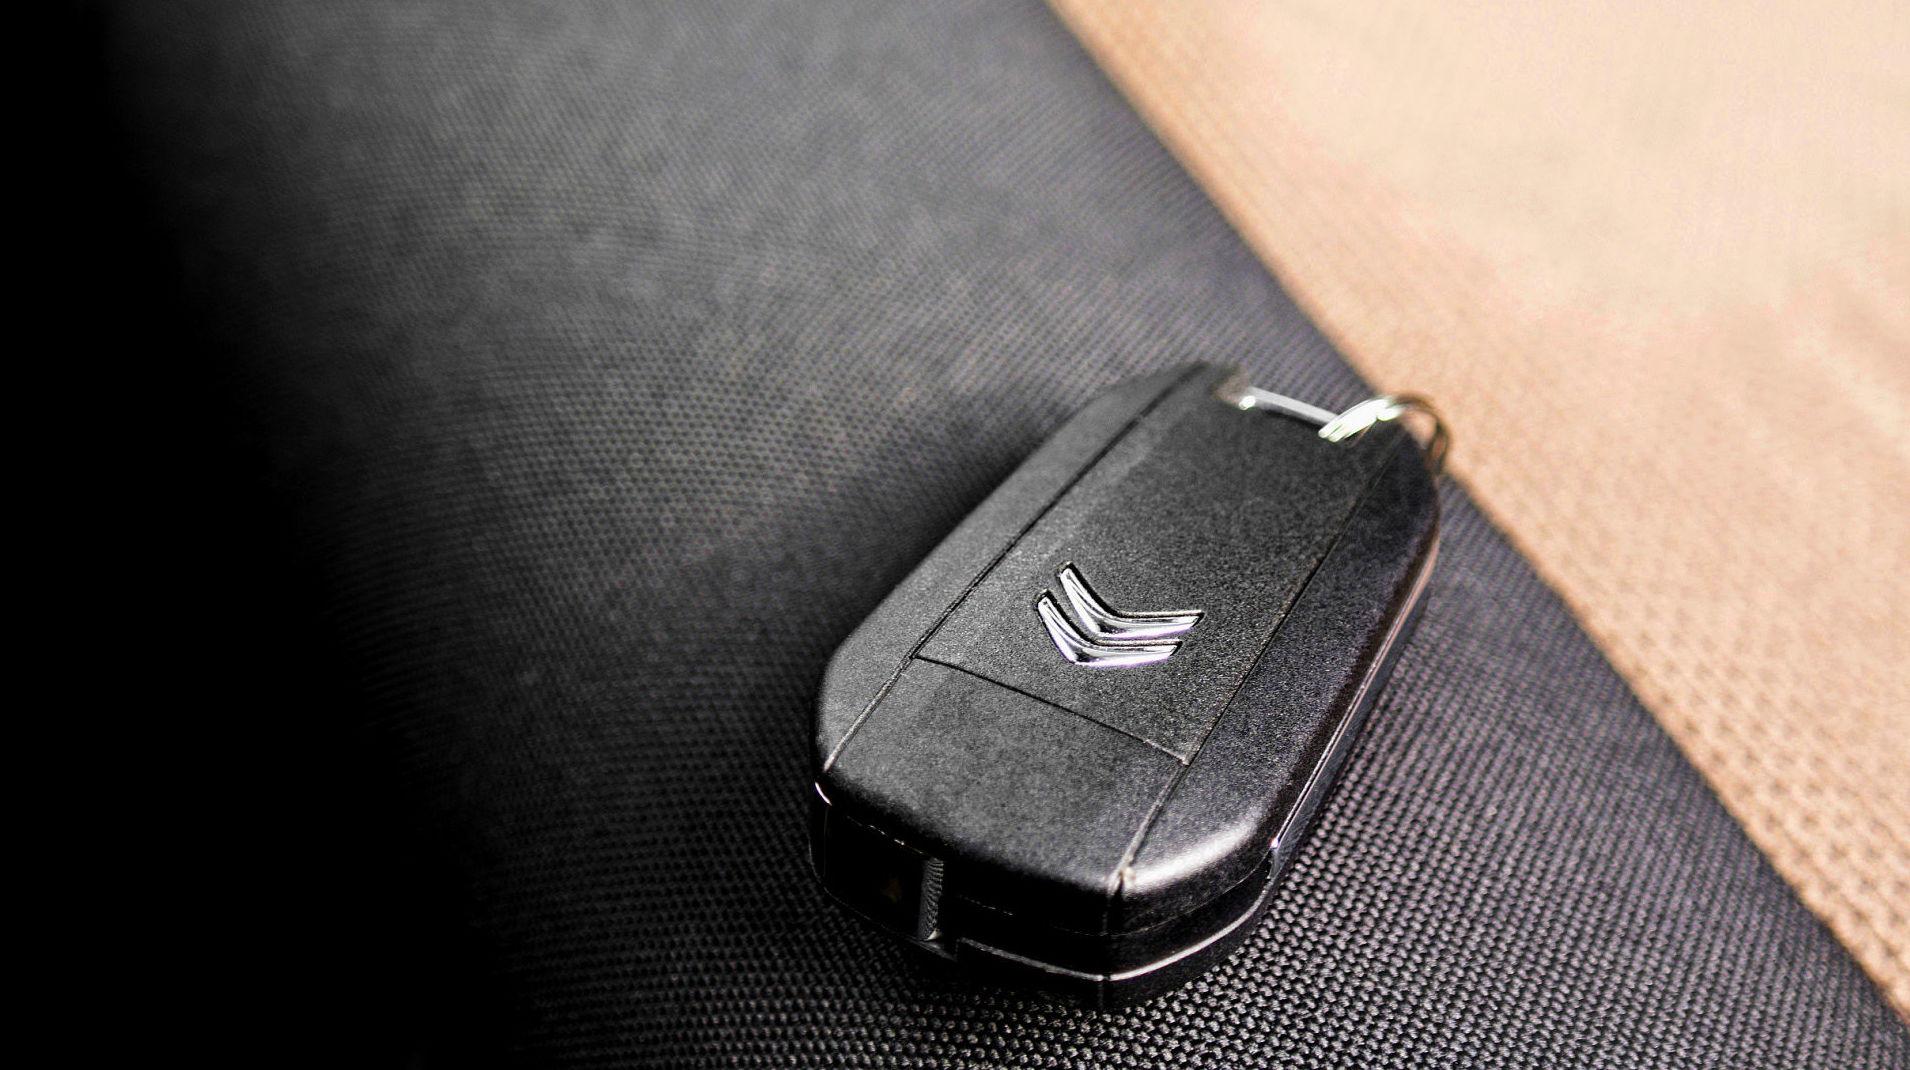 Duplicado d e llaves Citroen Madrid al mejor precio!